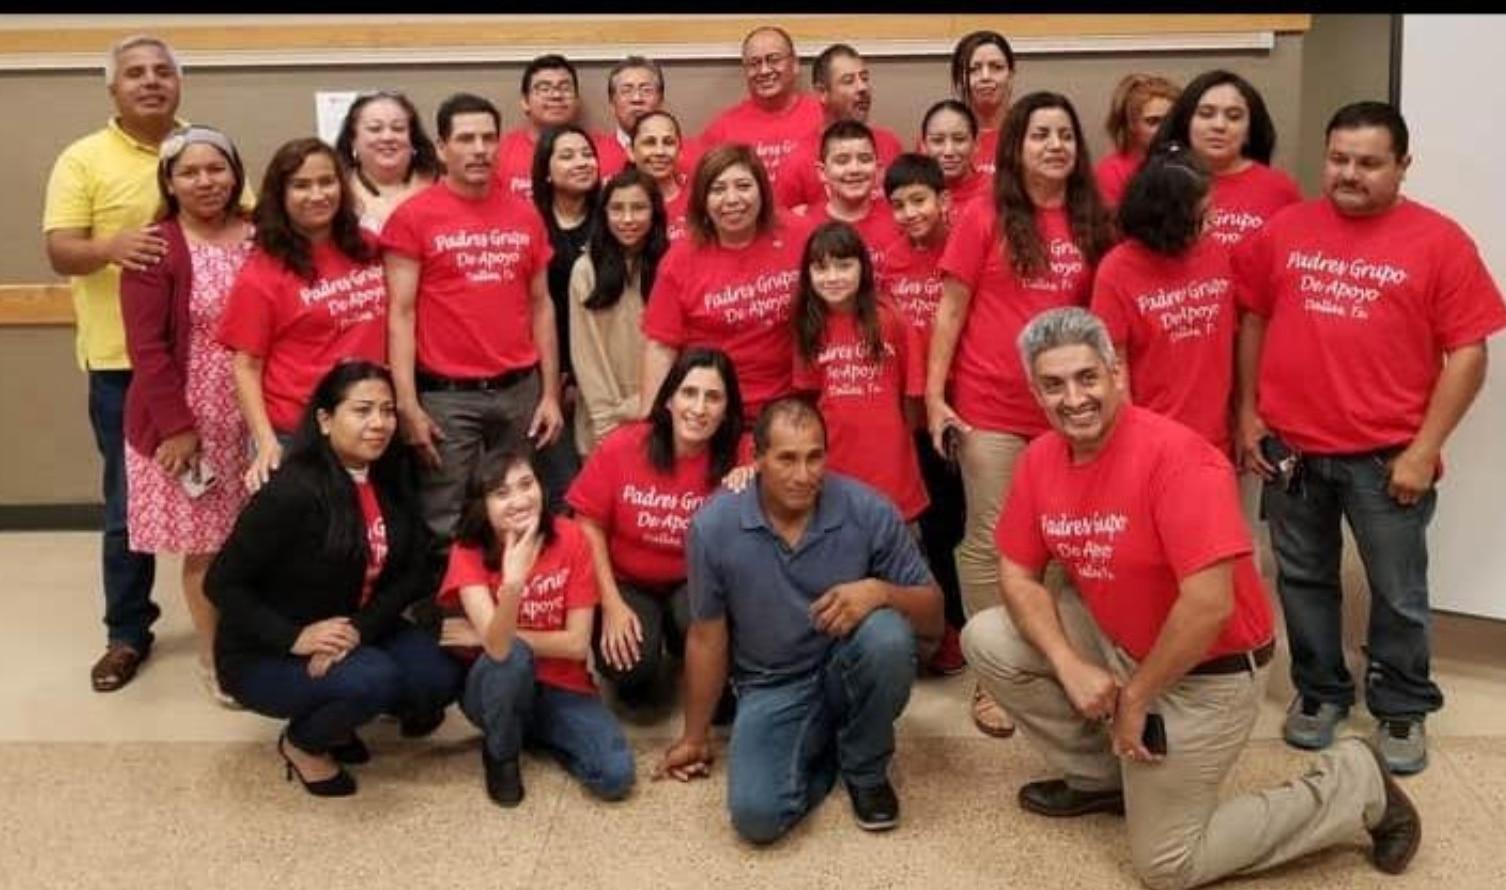 Leticia Gómez (centro) junto al grupo de padres de familia de un grupo de Facebook. Gómez impulsó la decisión del DISD de que se transmita la sesión en español.